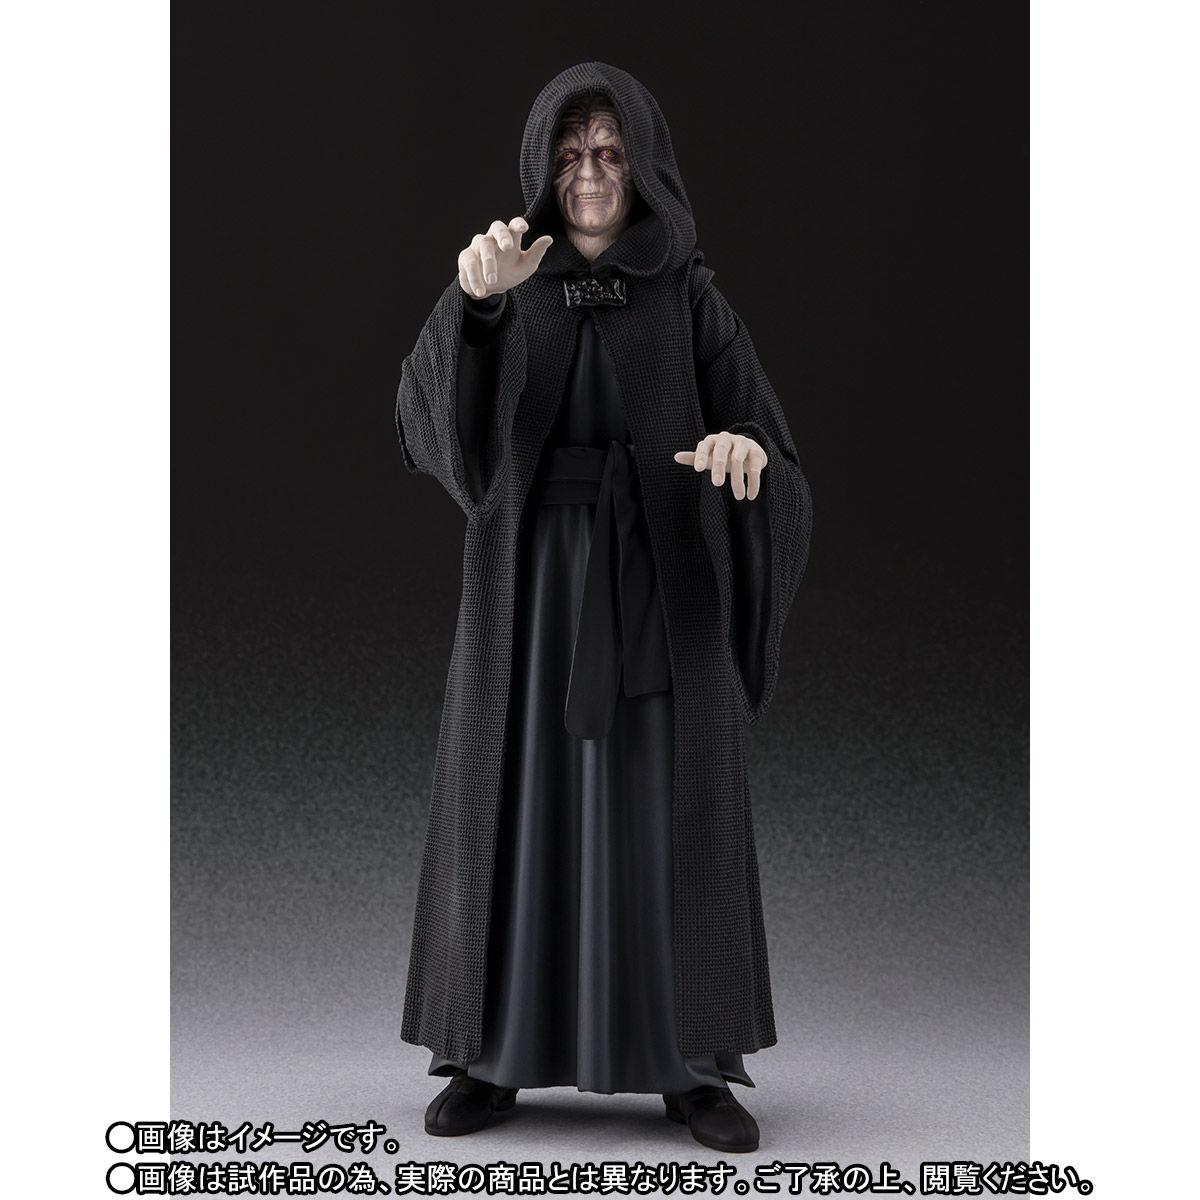 【限定販売】S.H.Figuarts『パルパティーン皇帝 -Death Star II Throne Room Set-(STAR WARS:Return of the Jedi)』可動フィギュア-006